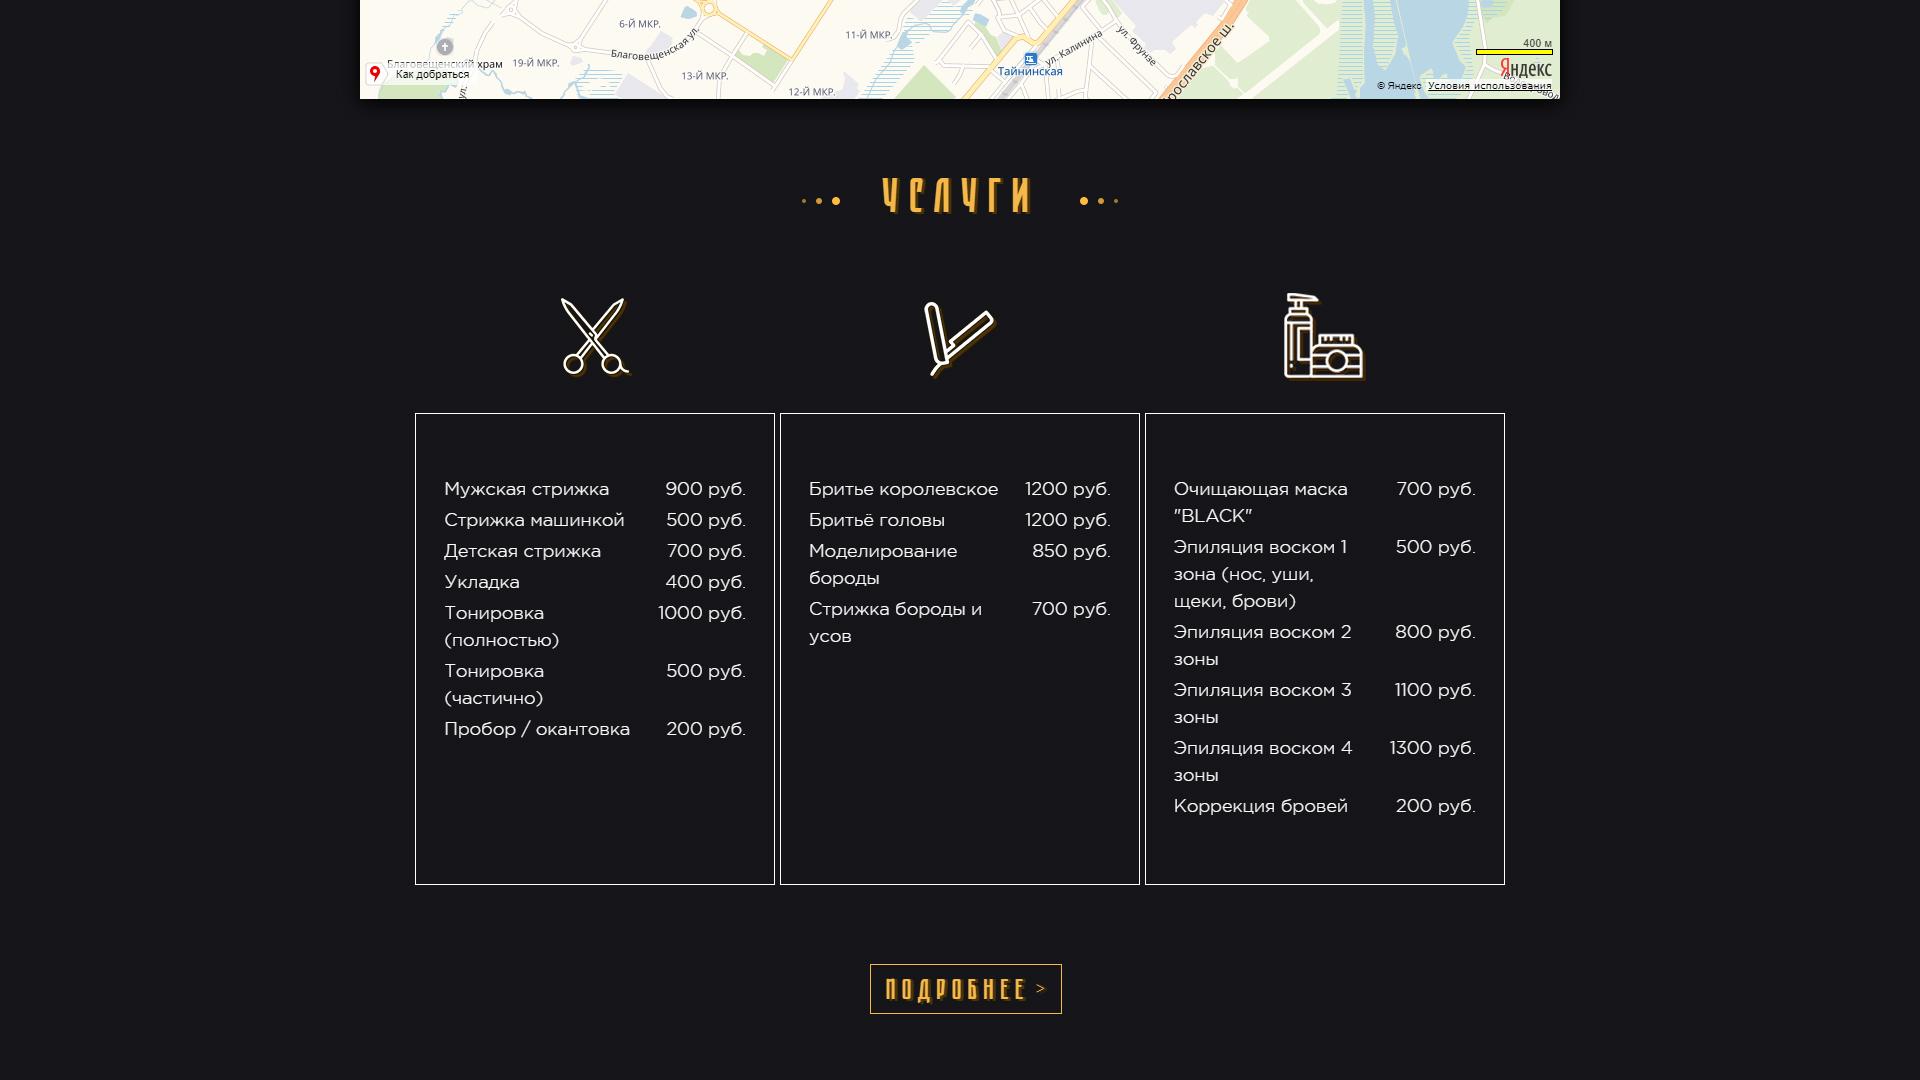 Дизайн сайта, барбершоп